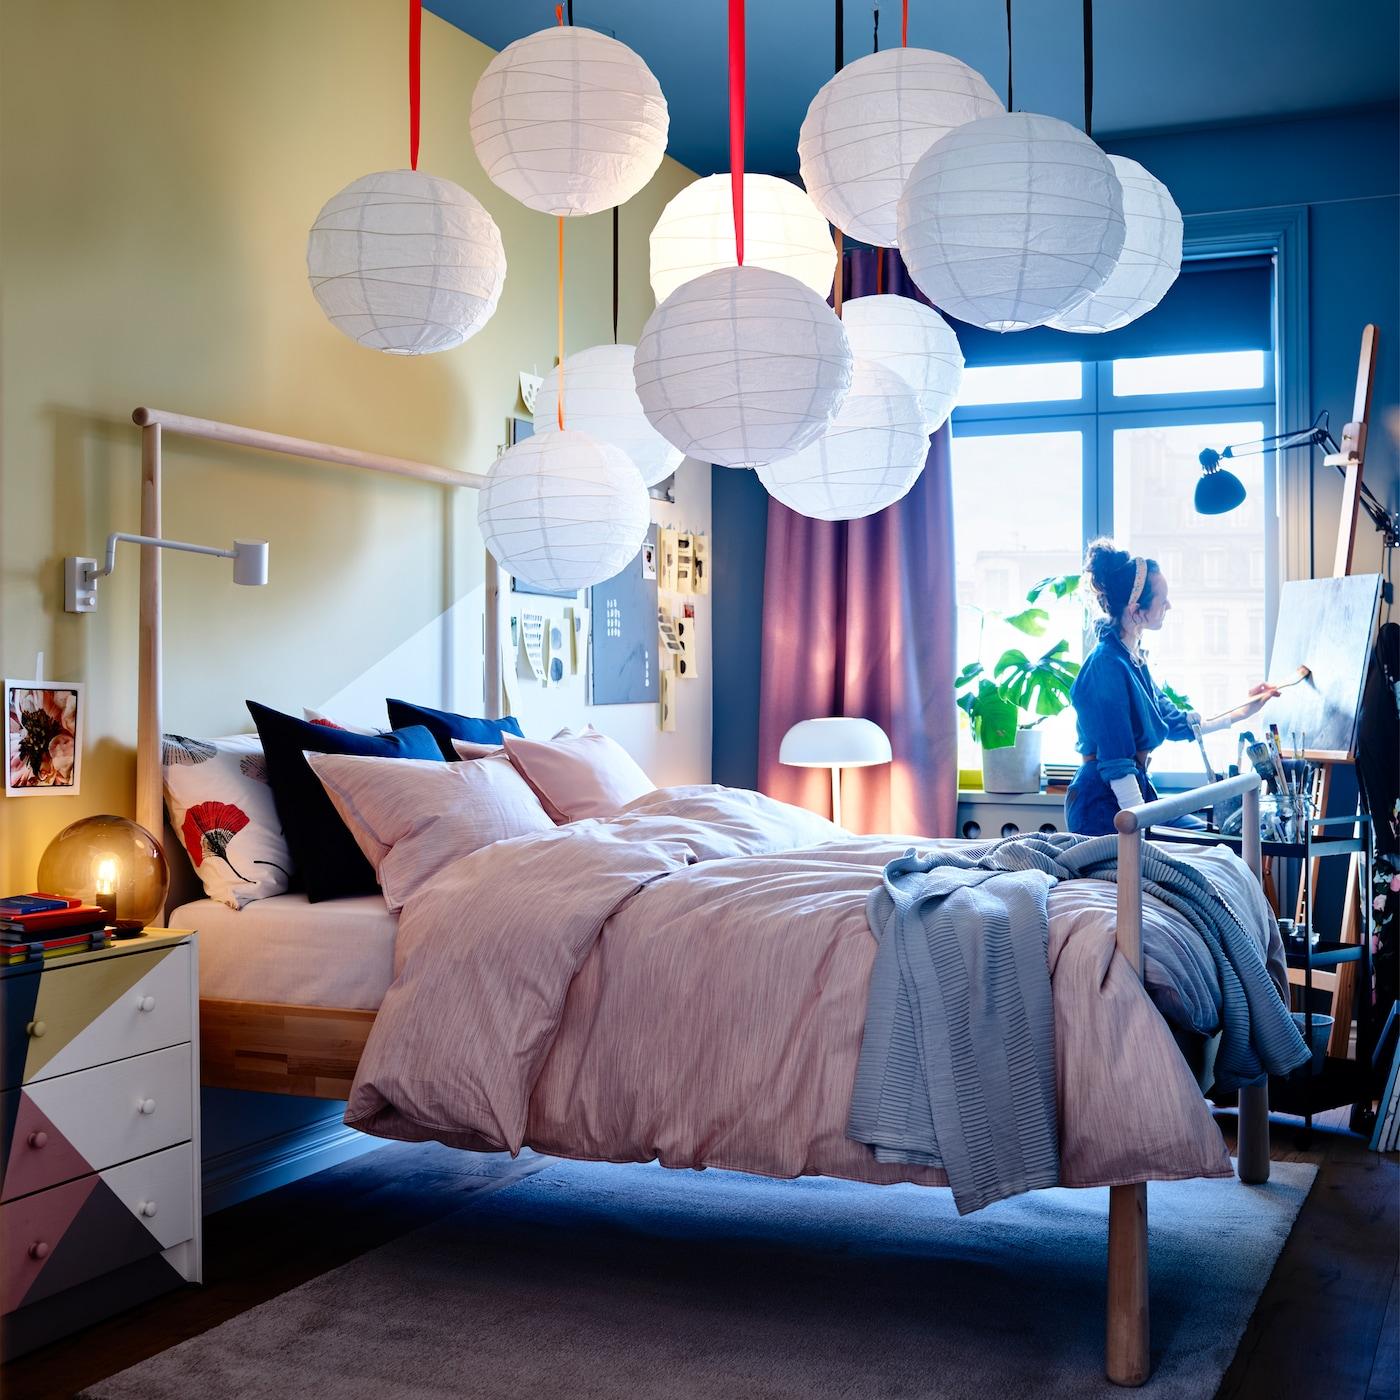 Quarto com estrutura de cama GJÖRA em bétula, candeeiros suspensos em branco, têxteis de cama em rosa, um candeeiro de mesa cinza e cortinados lilás.